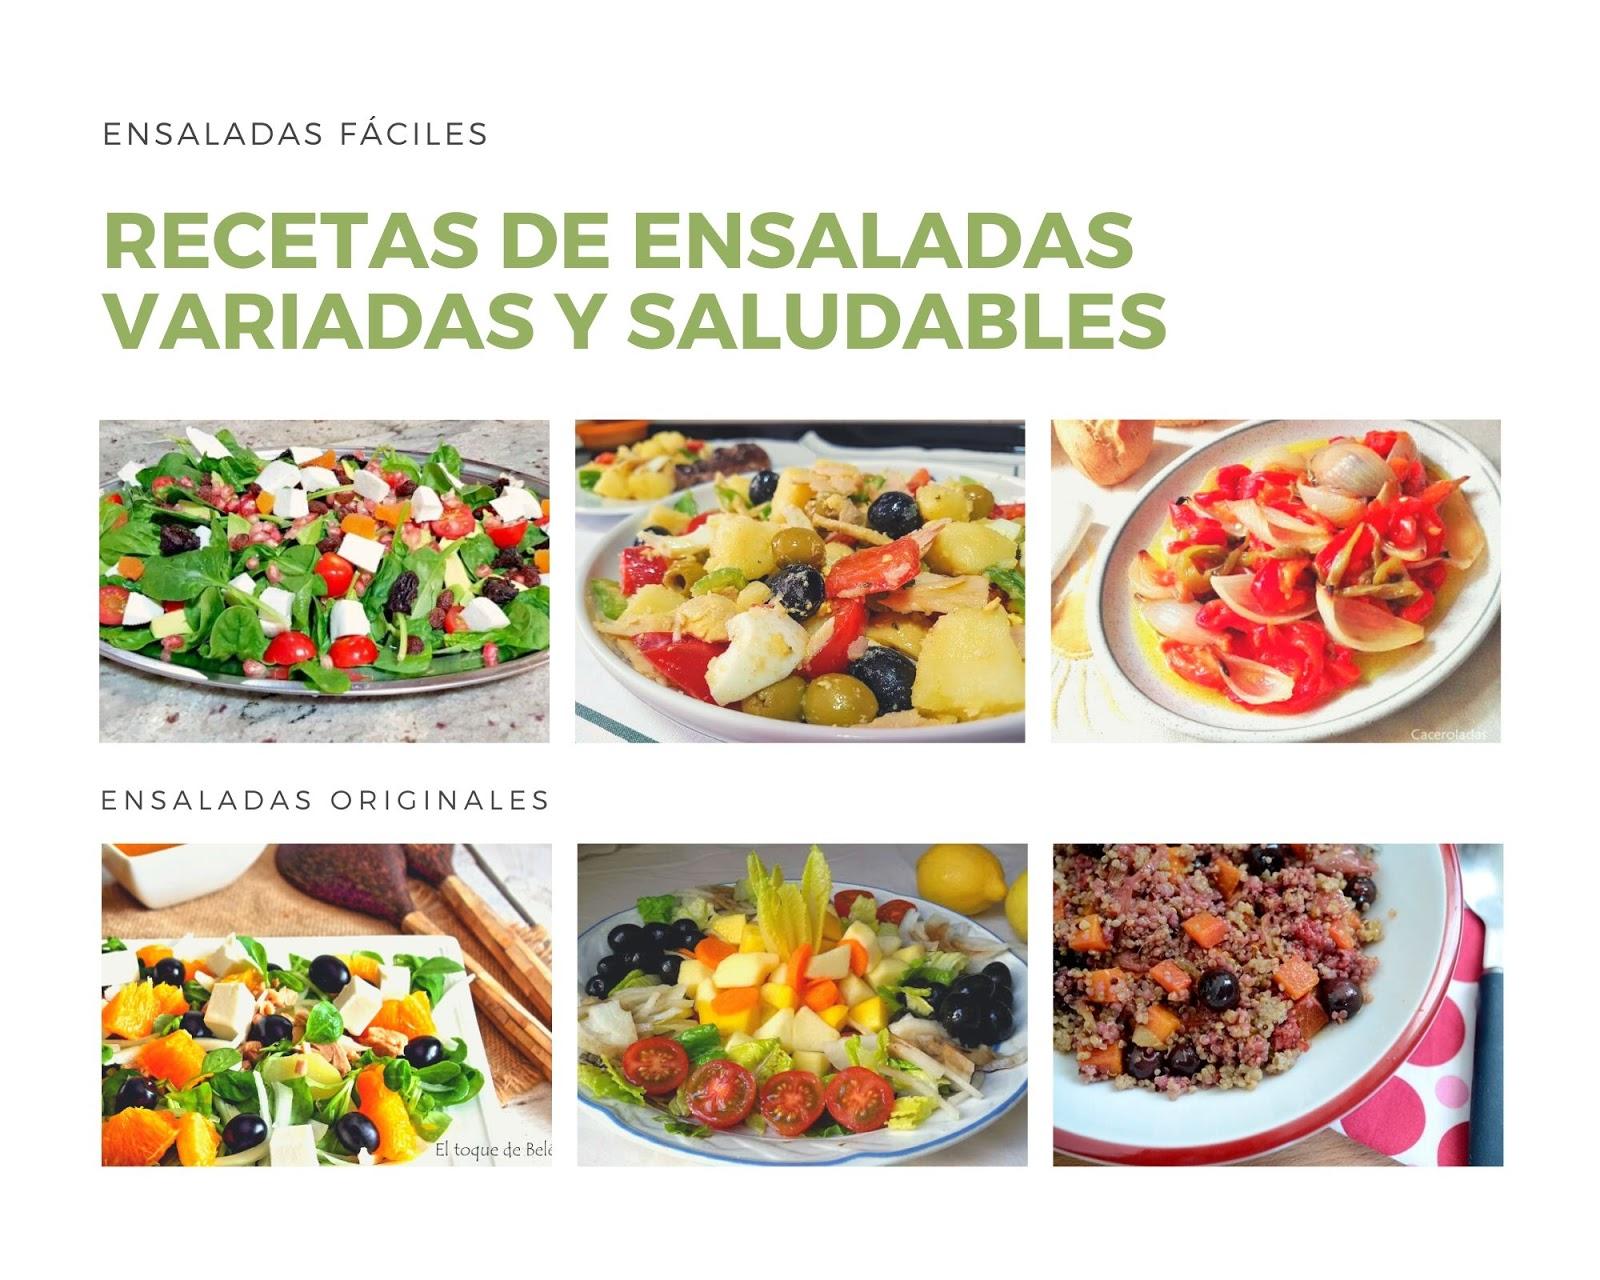 Recetas de ensaladas fáciles y originales